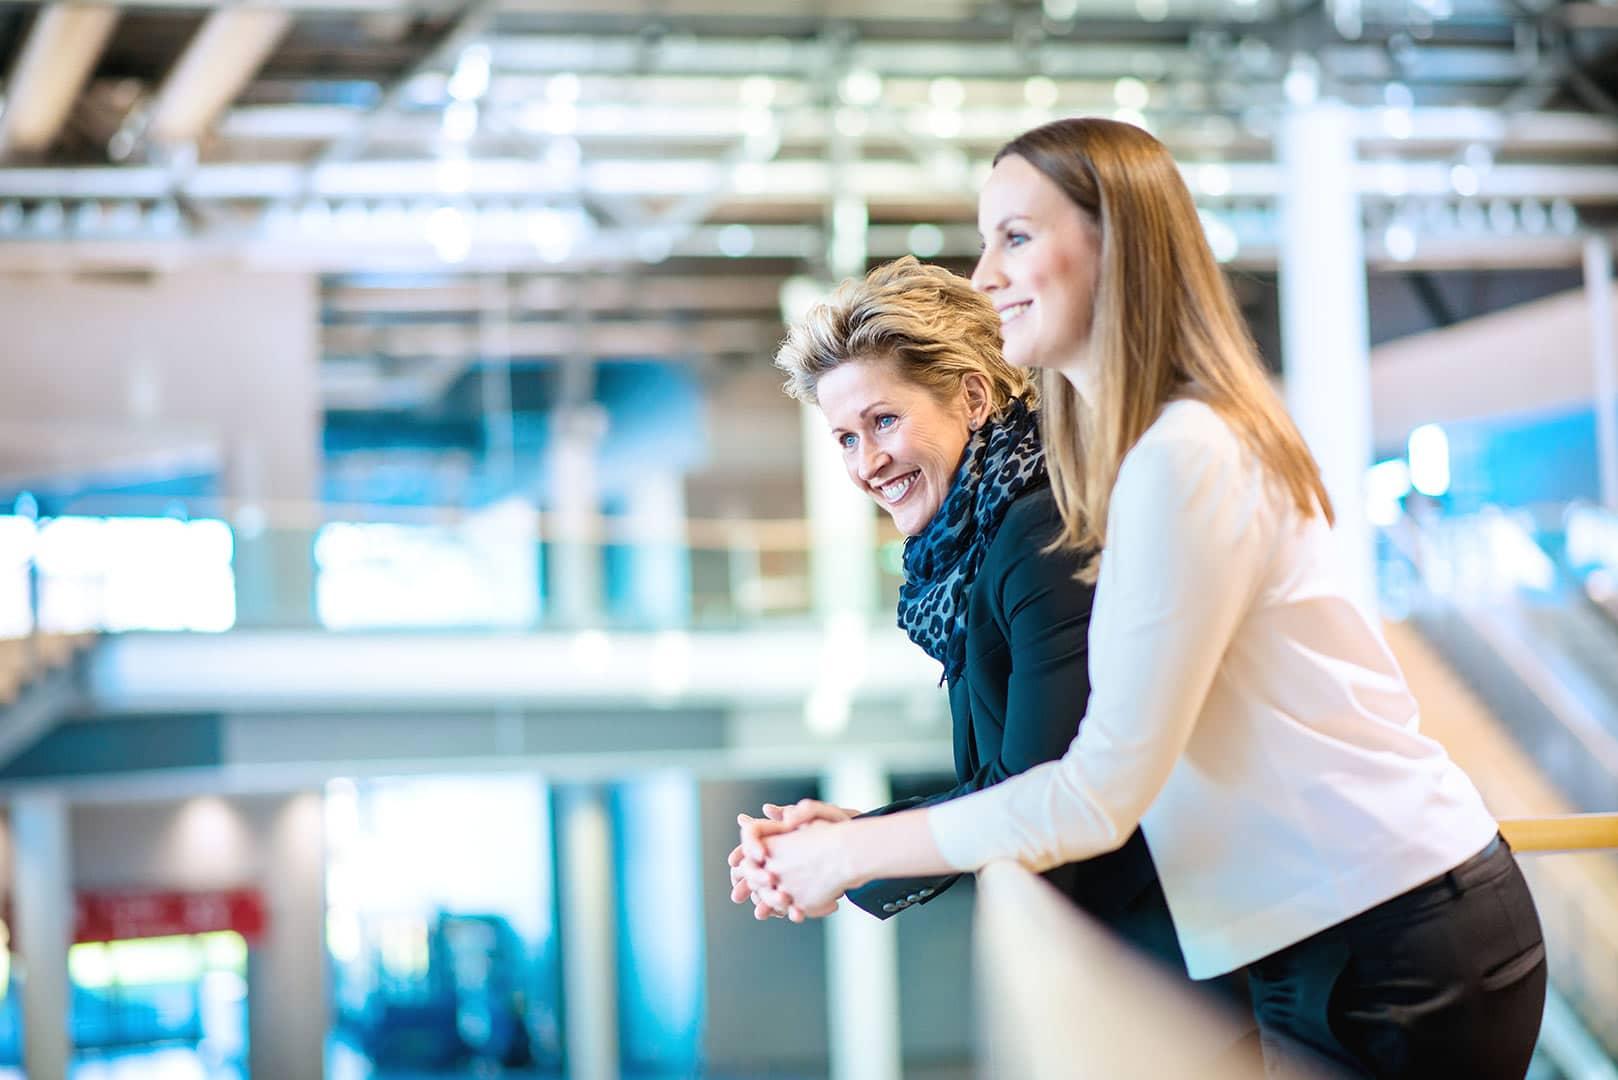 zwei Frau lachen bei einer Besprechung in einer Halle, zuversichtlich, hell, freundlich